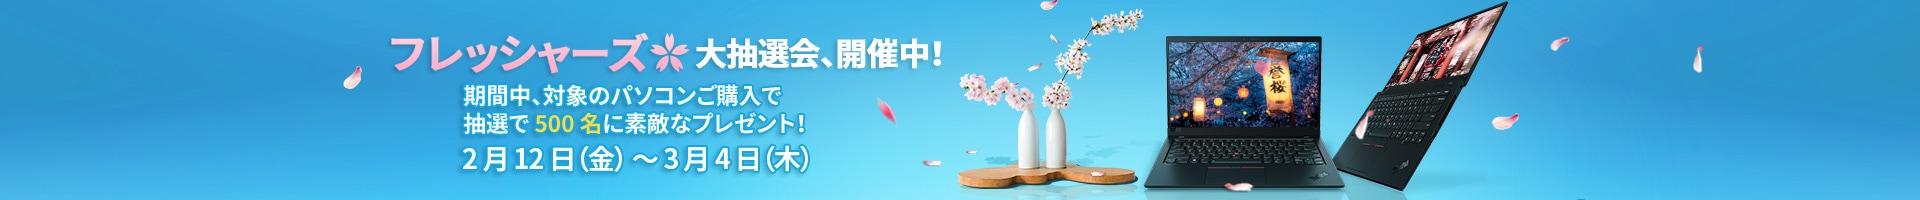 dealspage-banner